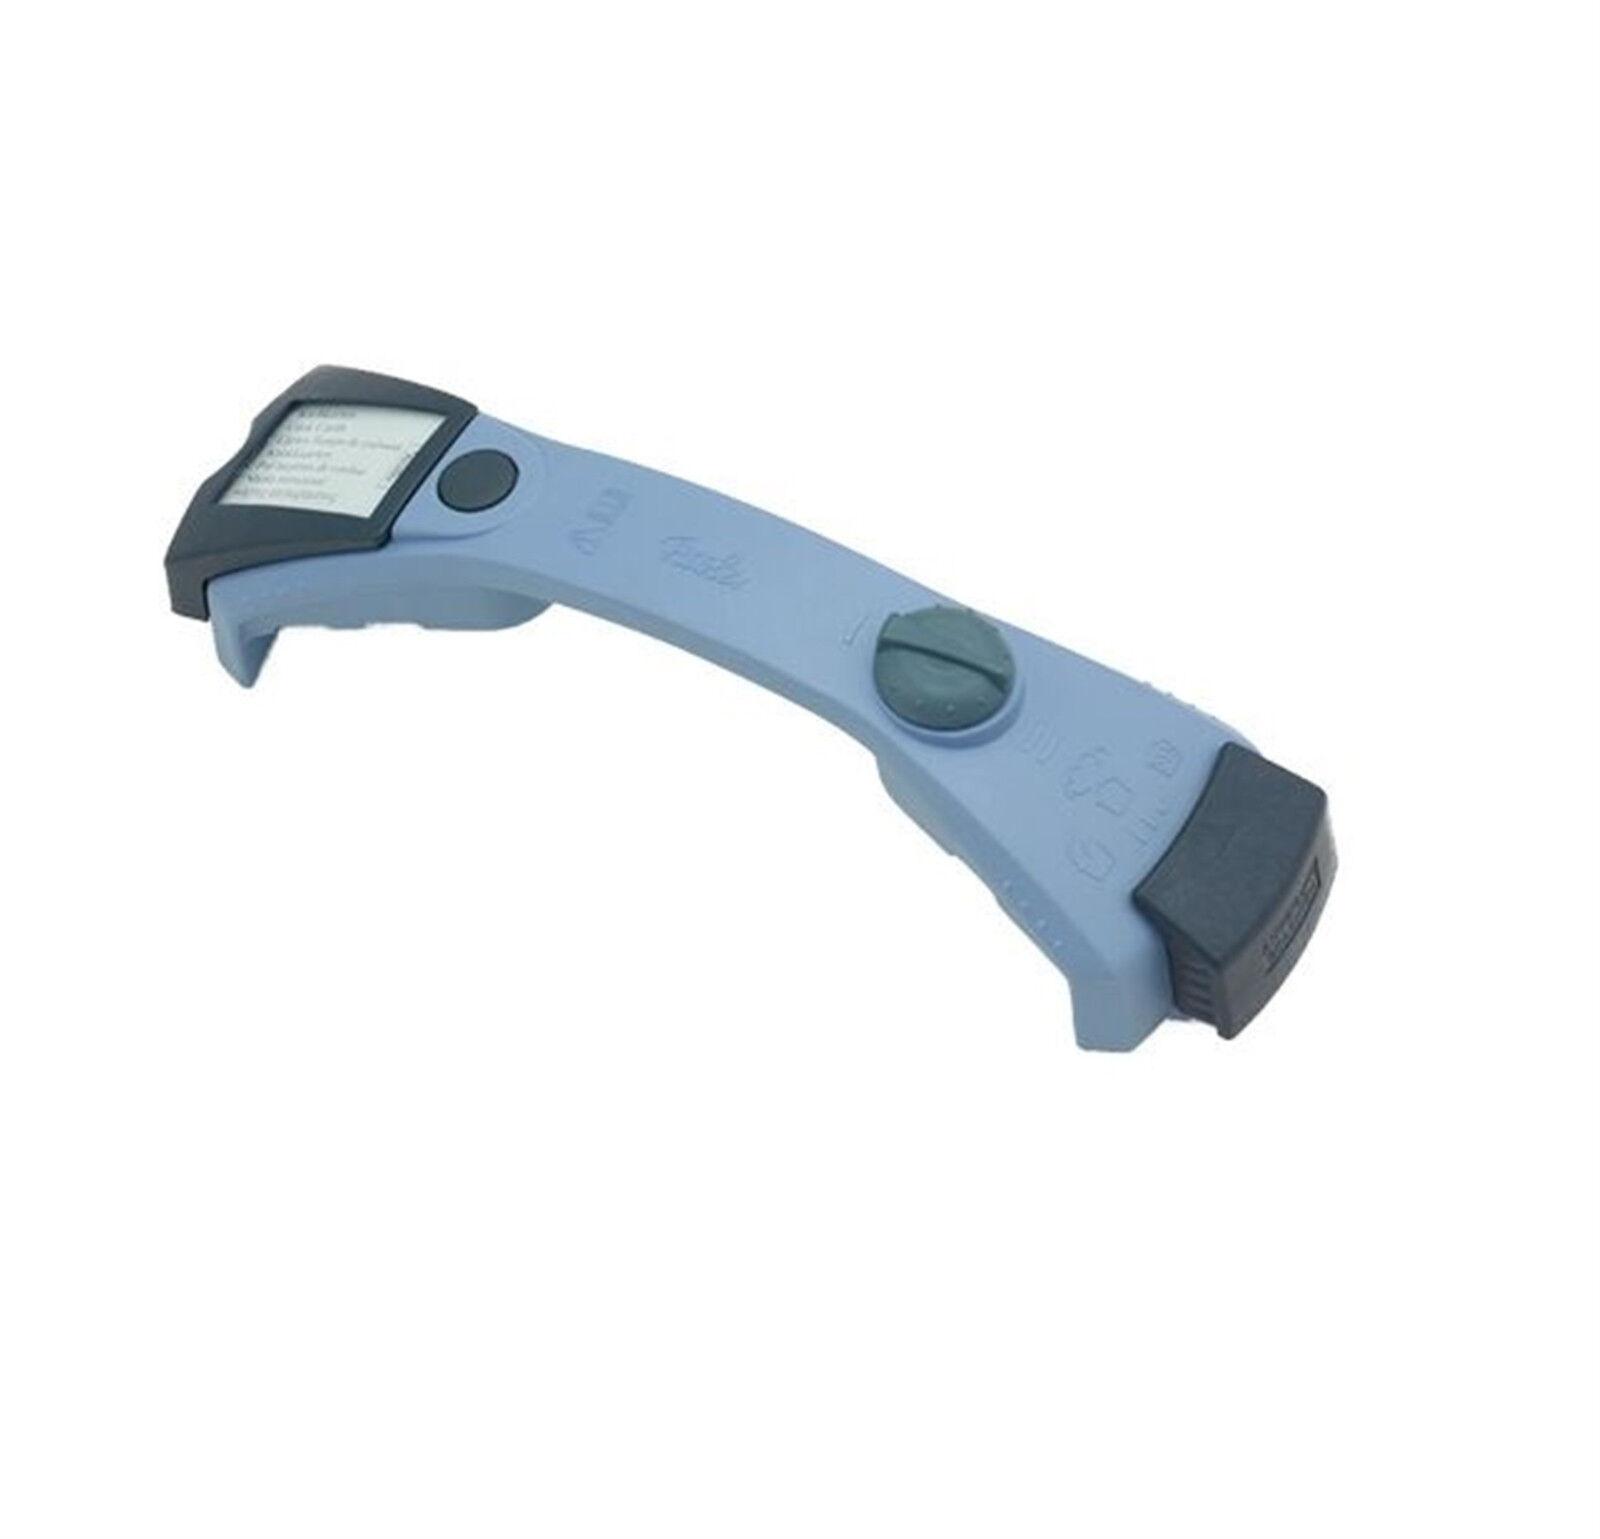 Fissler 020-63302660 0 manico azul ricambio pent. pressione Magic (con infobox)